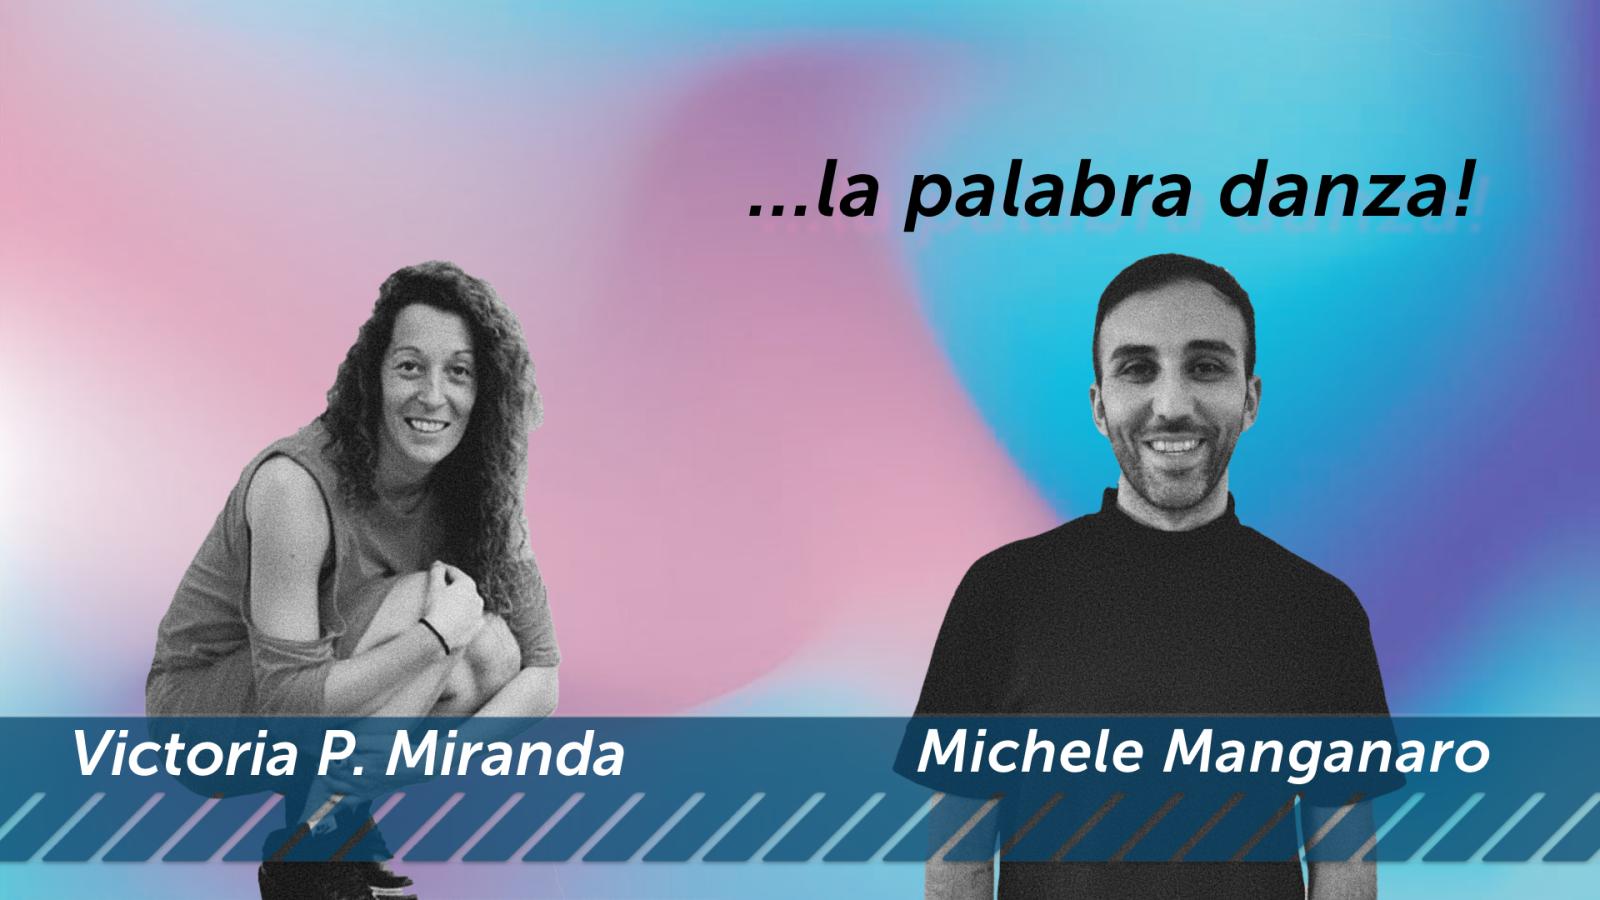 Buzón de Baile - VALENTÍA - INTENSIDAD / Victoria P. Miranda - Michele Manganaro - Escuchar ahora